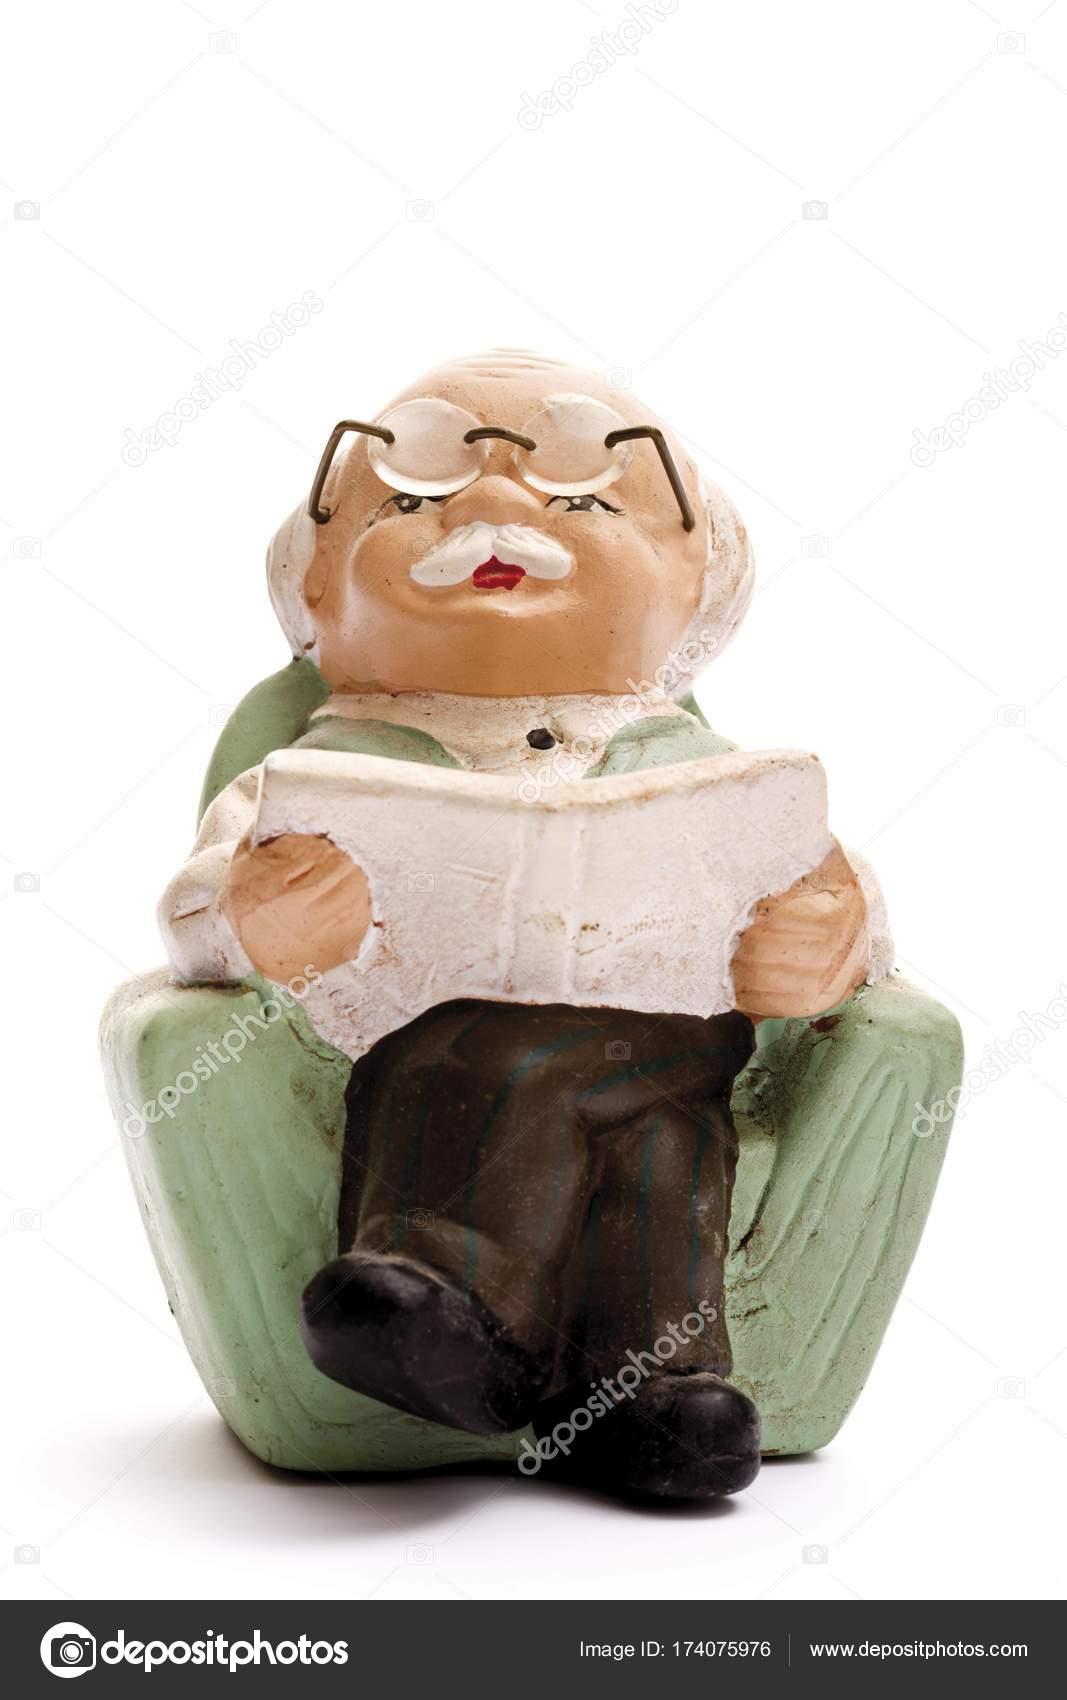 Nonno In Poltrona.Figura Miniatura Pensionato Nonno Una Poltrona Leggendo